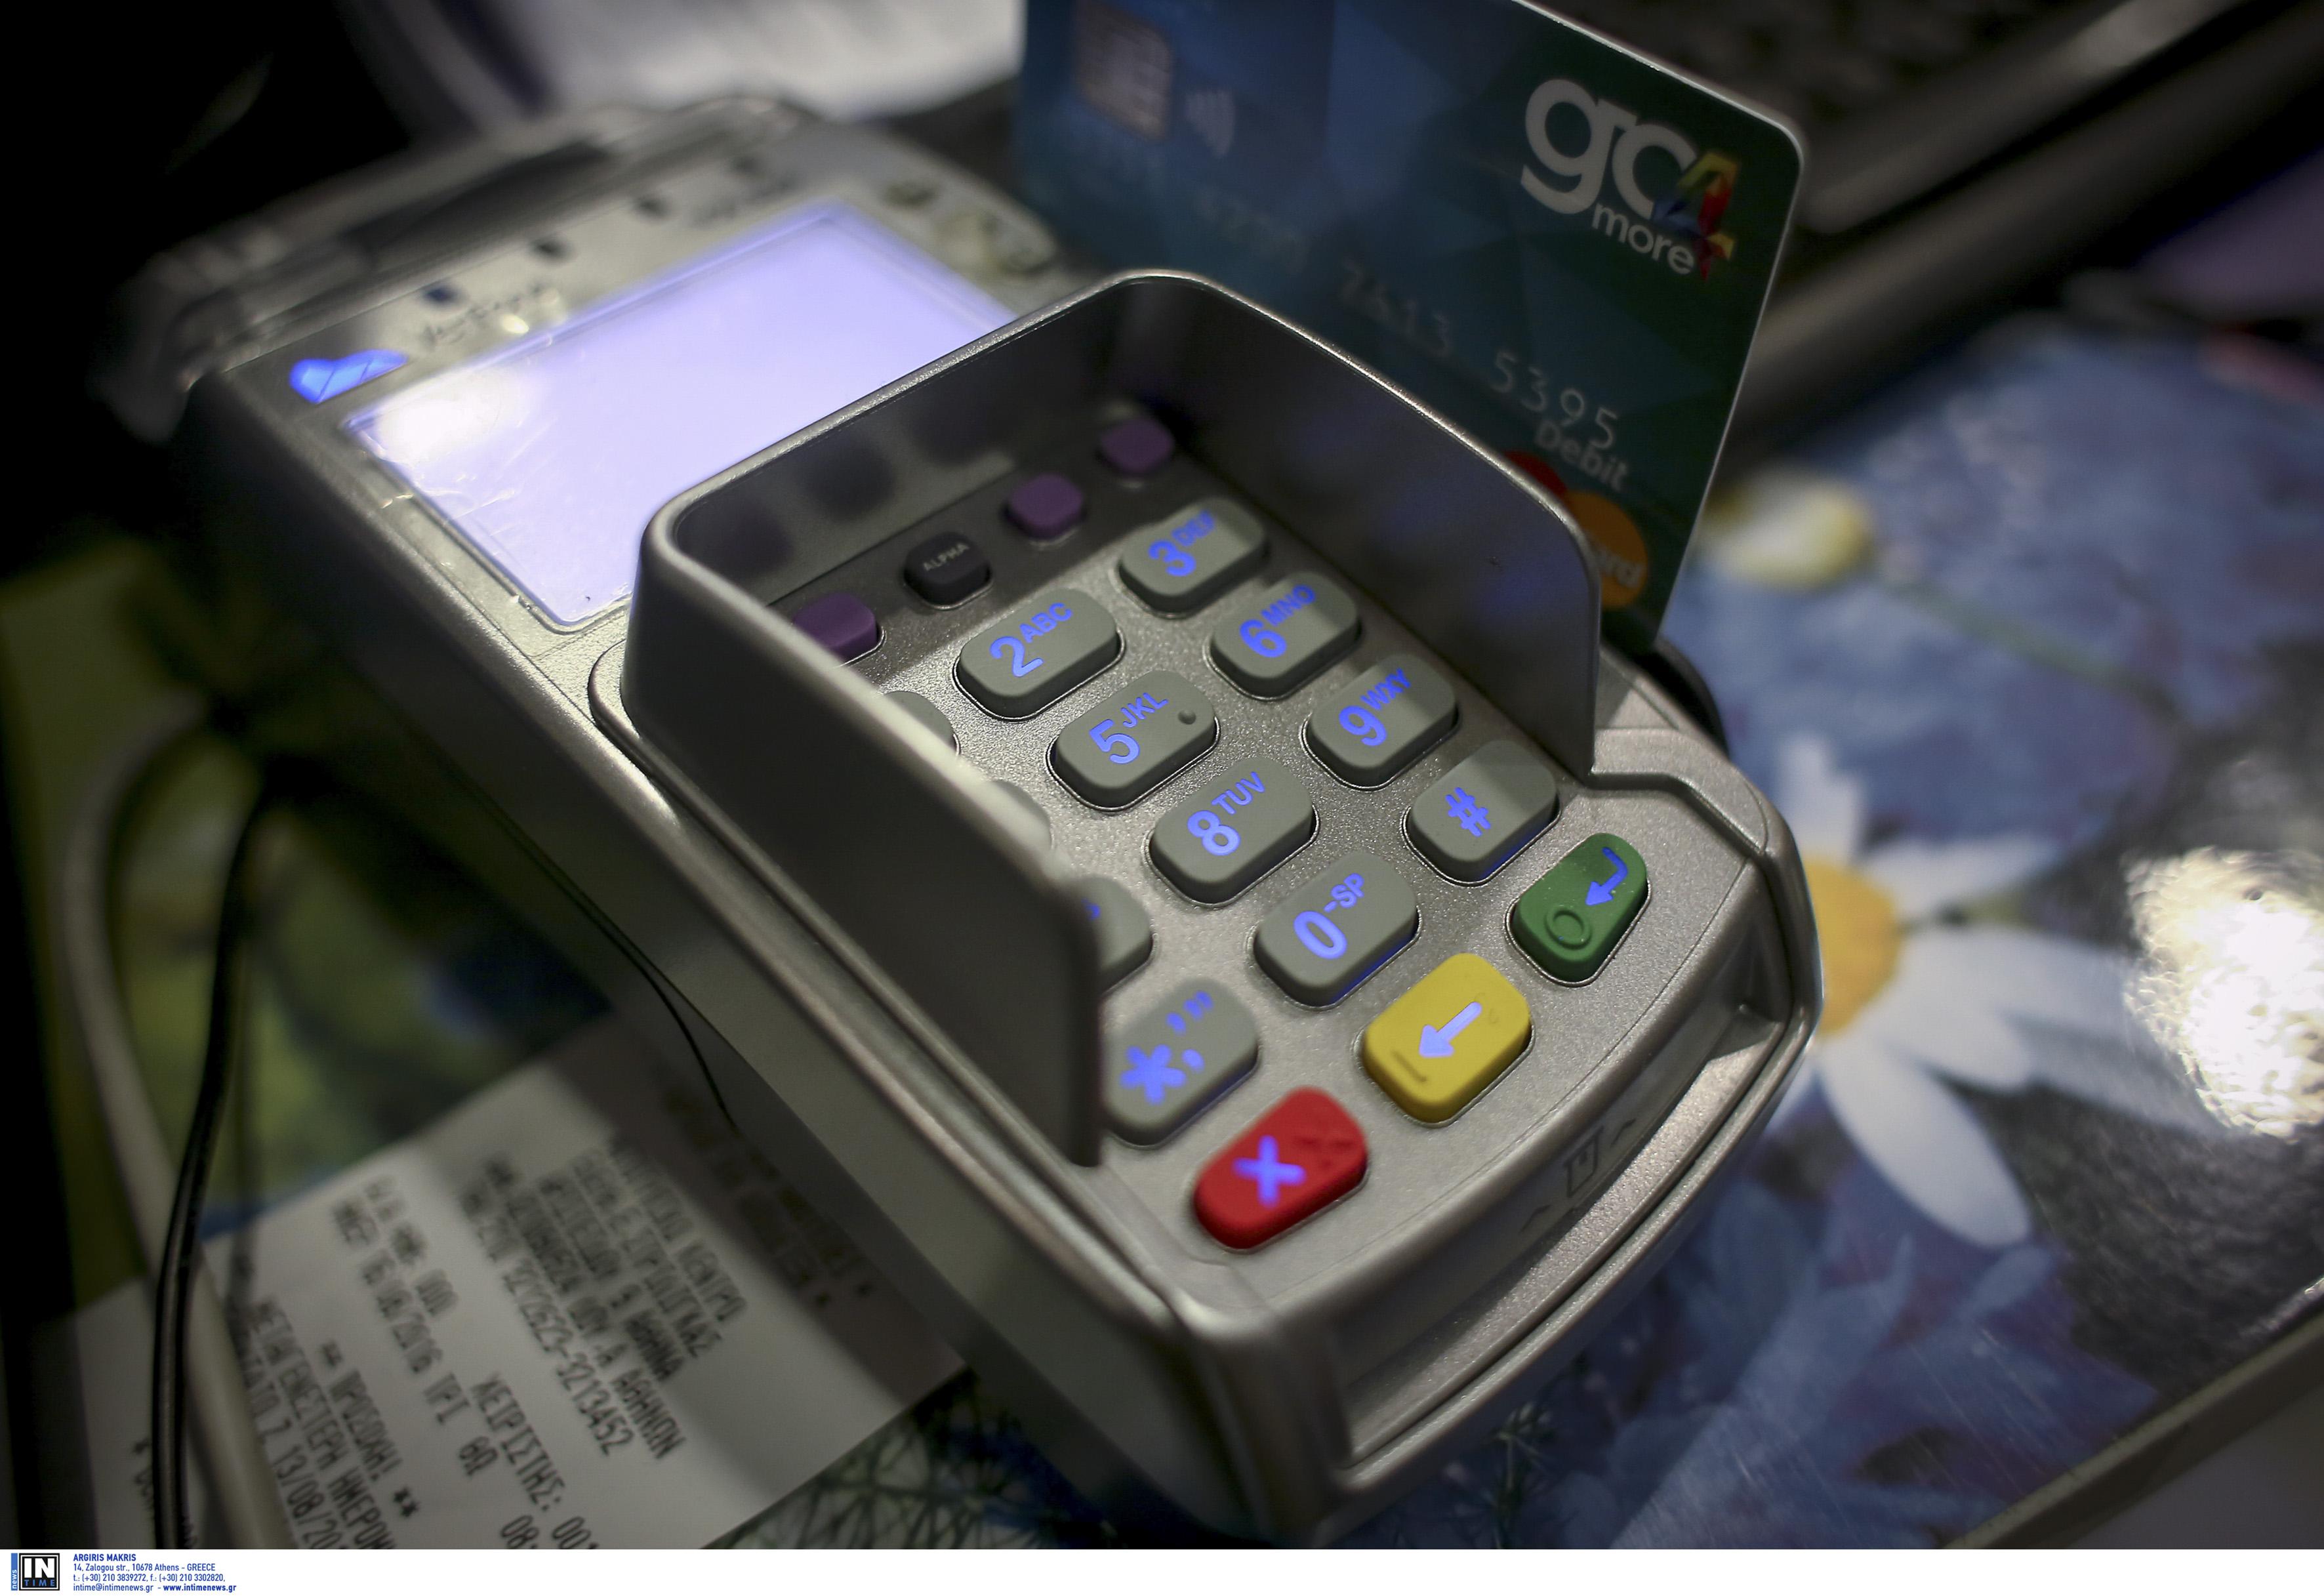 Πληρωμές με κάρτα: Αλλάζουν όλα στις ανέπαφες συναλλαγές – Όσα πρέπει να γνωρίζετε